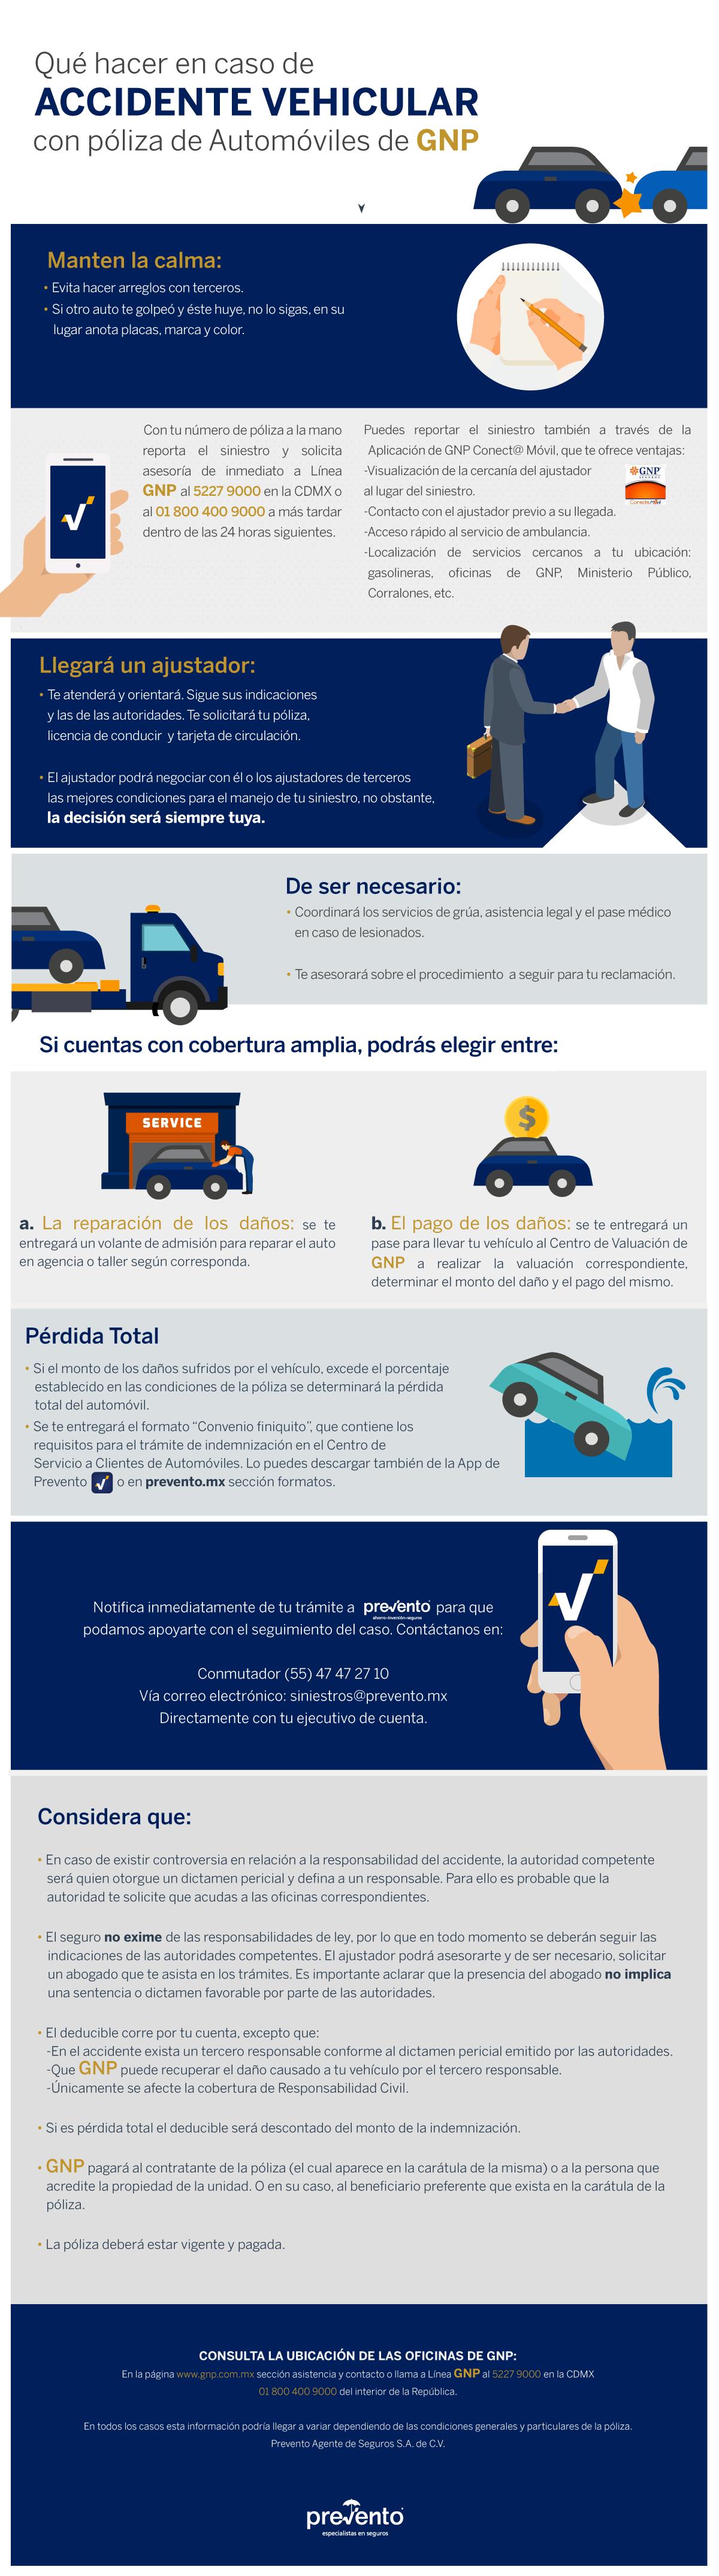 infografia_daños-autos-v1-1